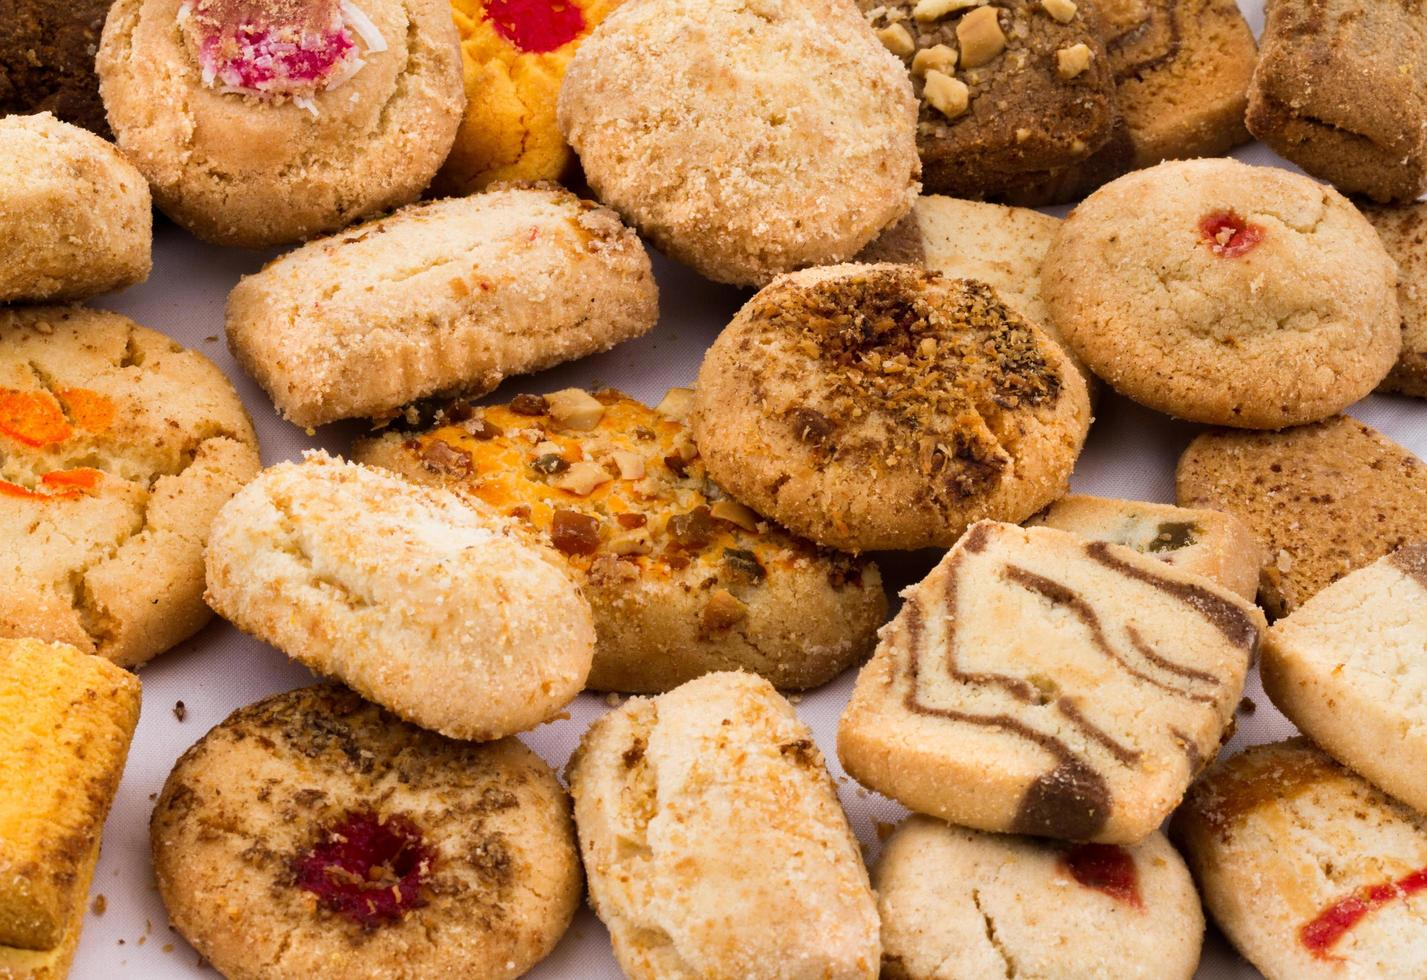 biscoitos caseiros indianos frescos foto